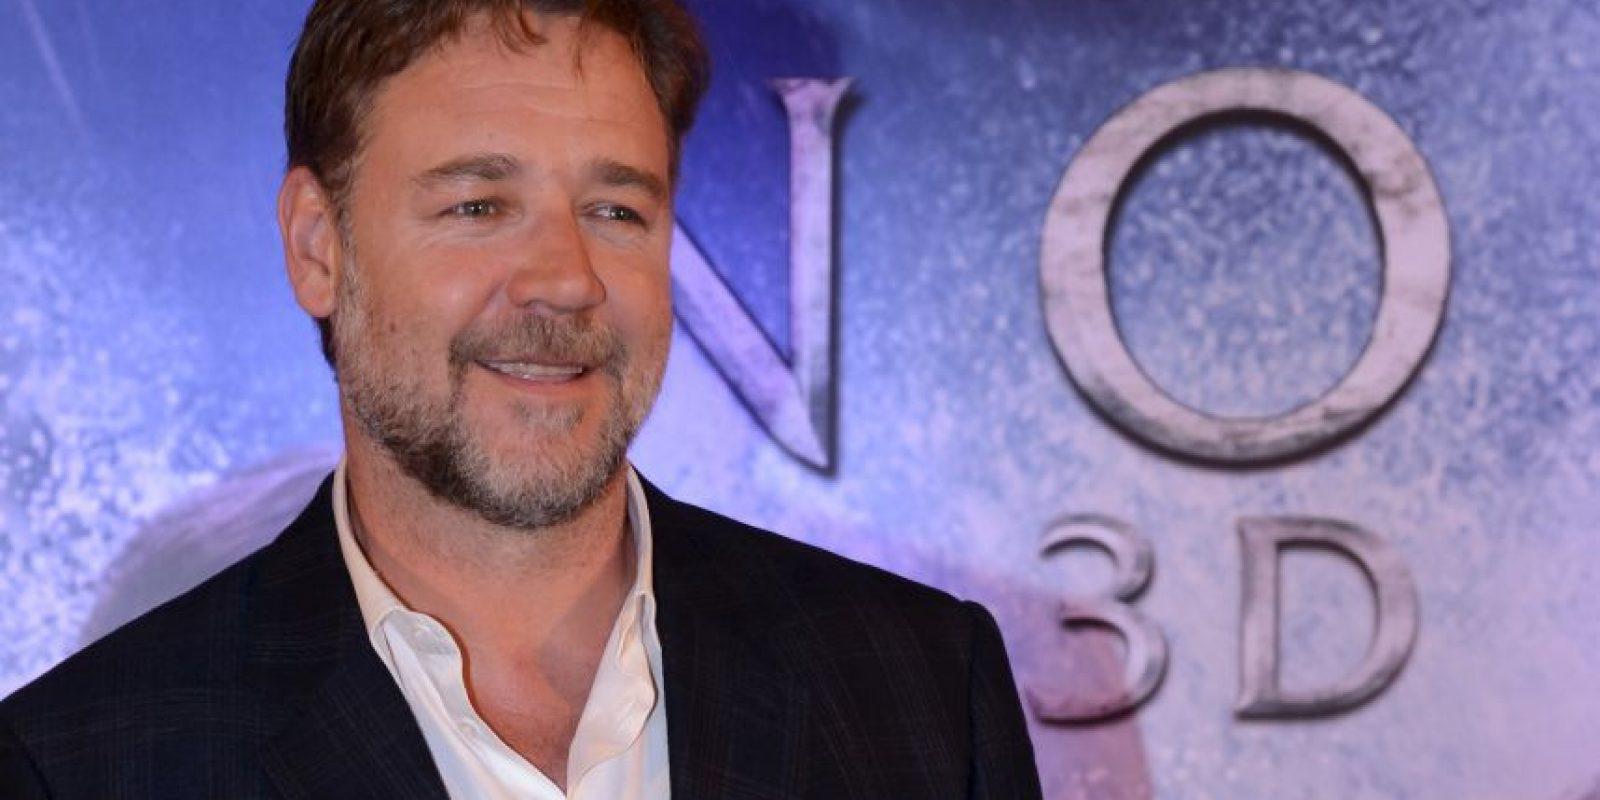 El verdadero nombre del actor es Russell Ira Crowe y nació en Wellington, Nueva Zelanda, el 7 de abril de 1964 Foto:Getty Images